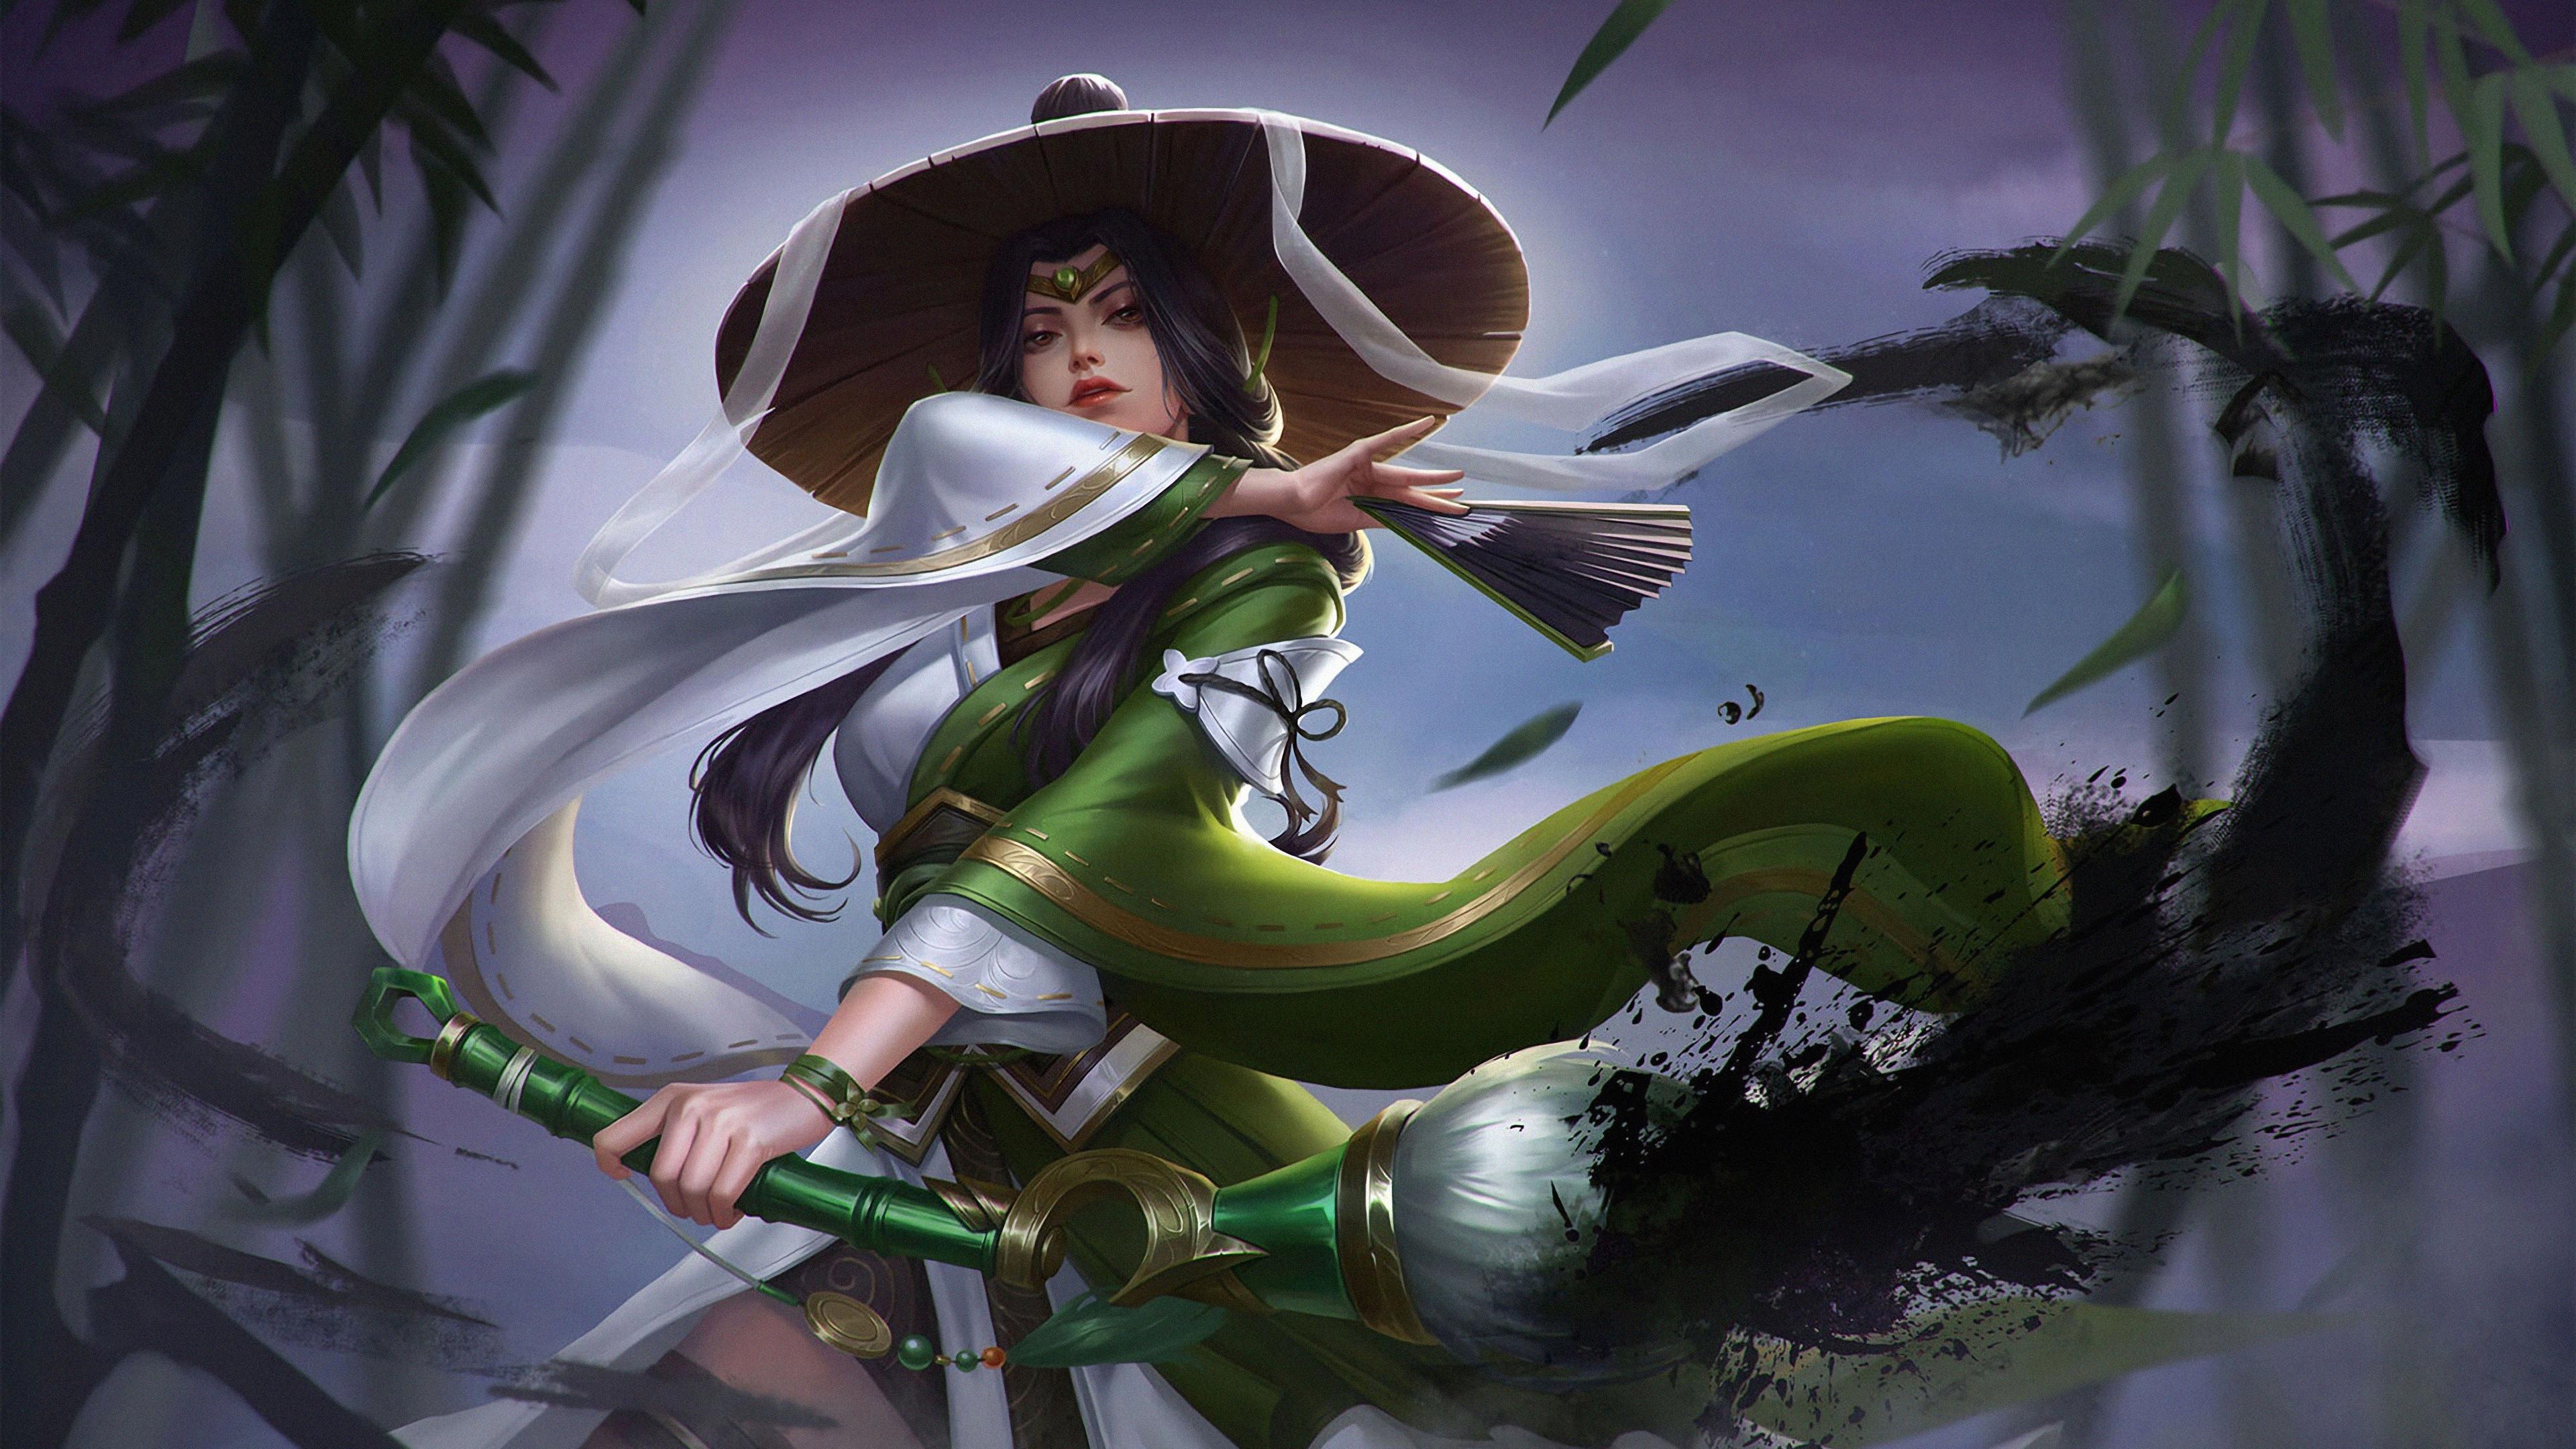 3840x2160 Warrior Anime Girl 4k 4k HD 4k Wallpapers ...